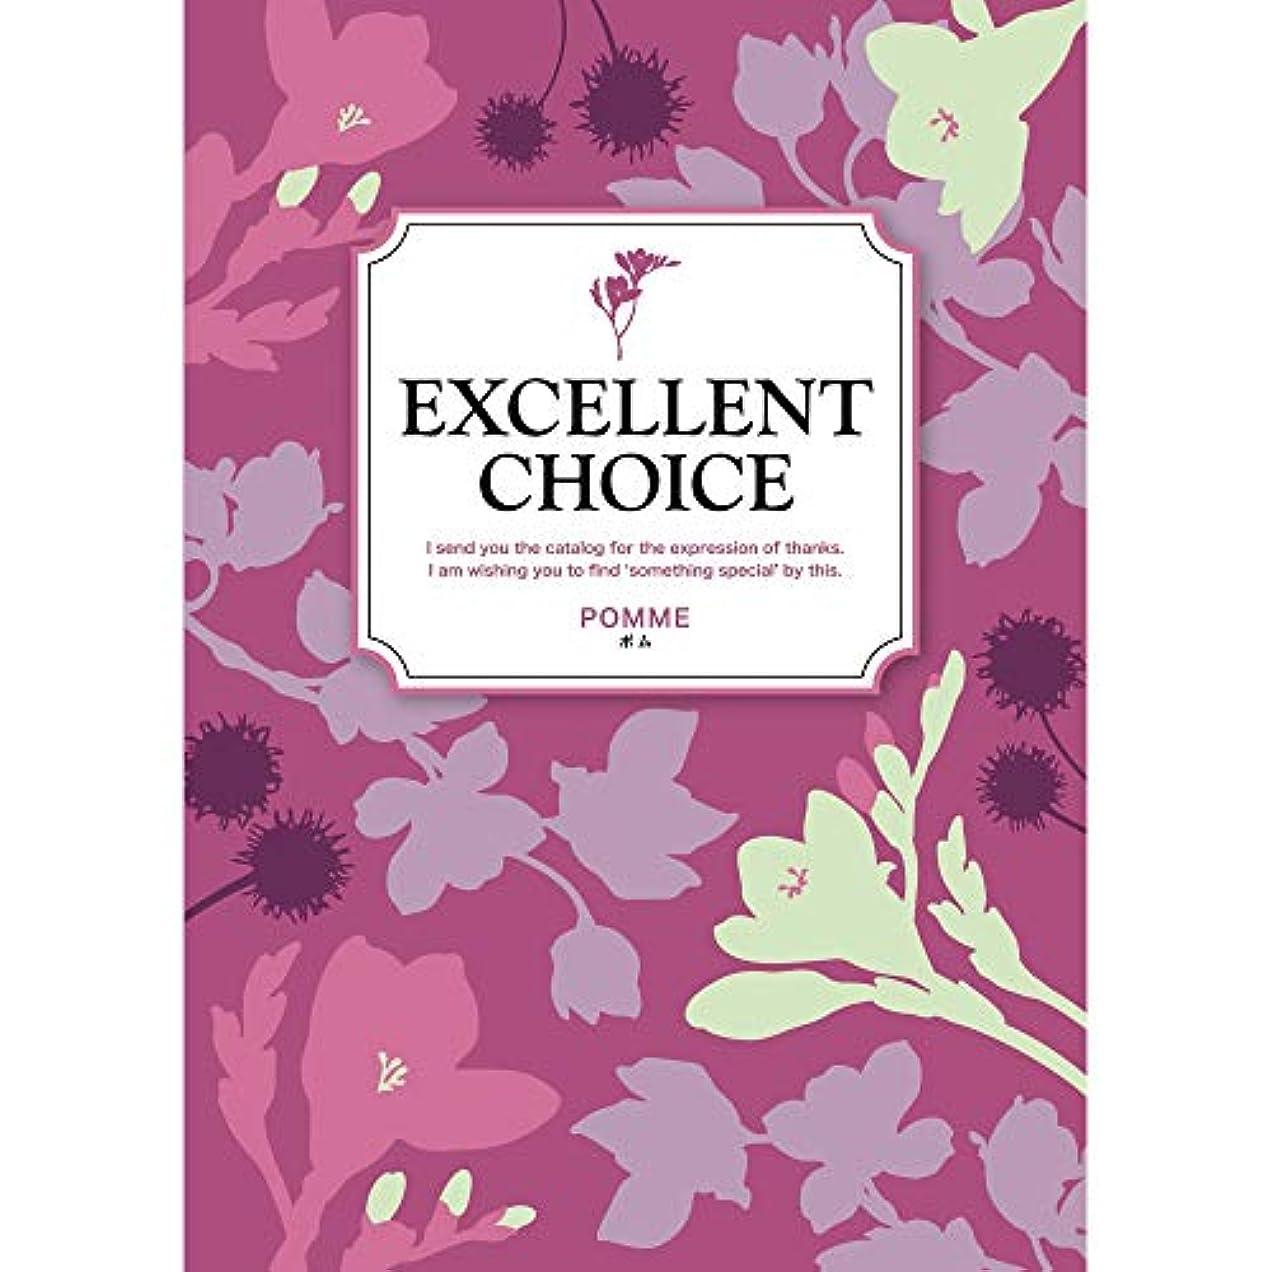 八百屋オピエート利点シャディ カタログギフト EXCELLENT CHOICE (エクセレントチョイス) ポム 包装紙:フルール